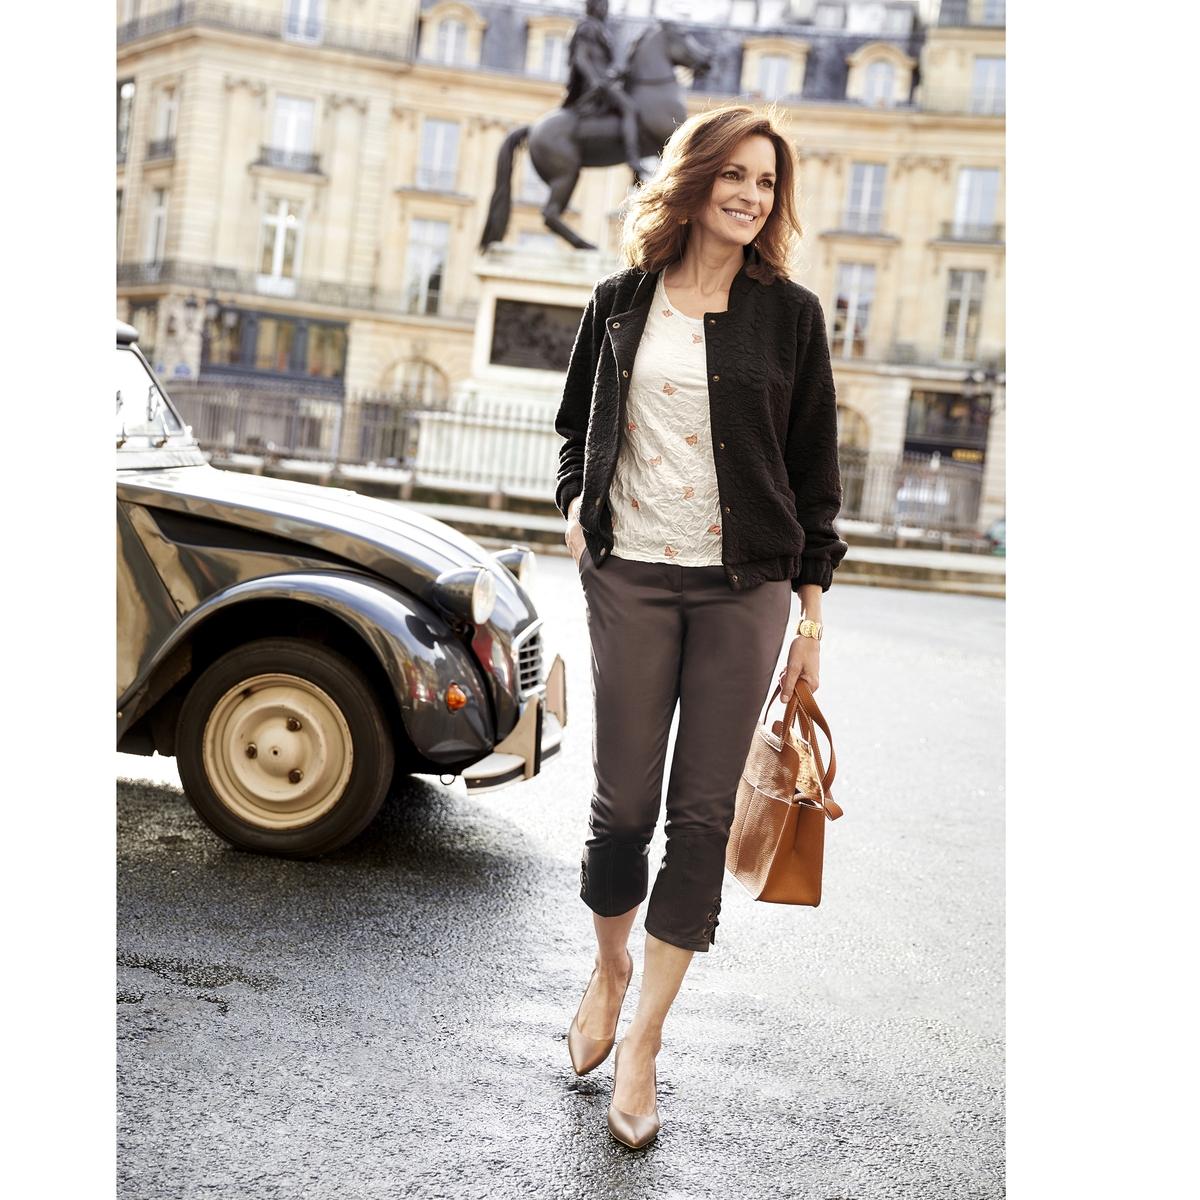 Imagen adicional de producto de Pantalón slim tobillero - Anne weyburn